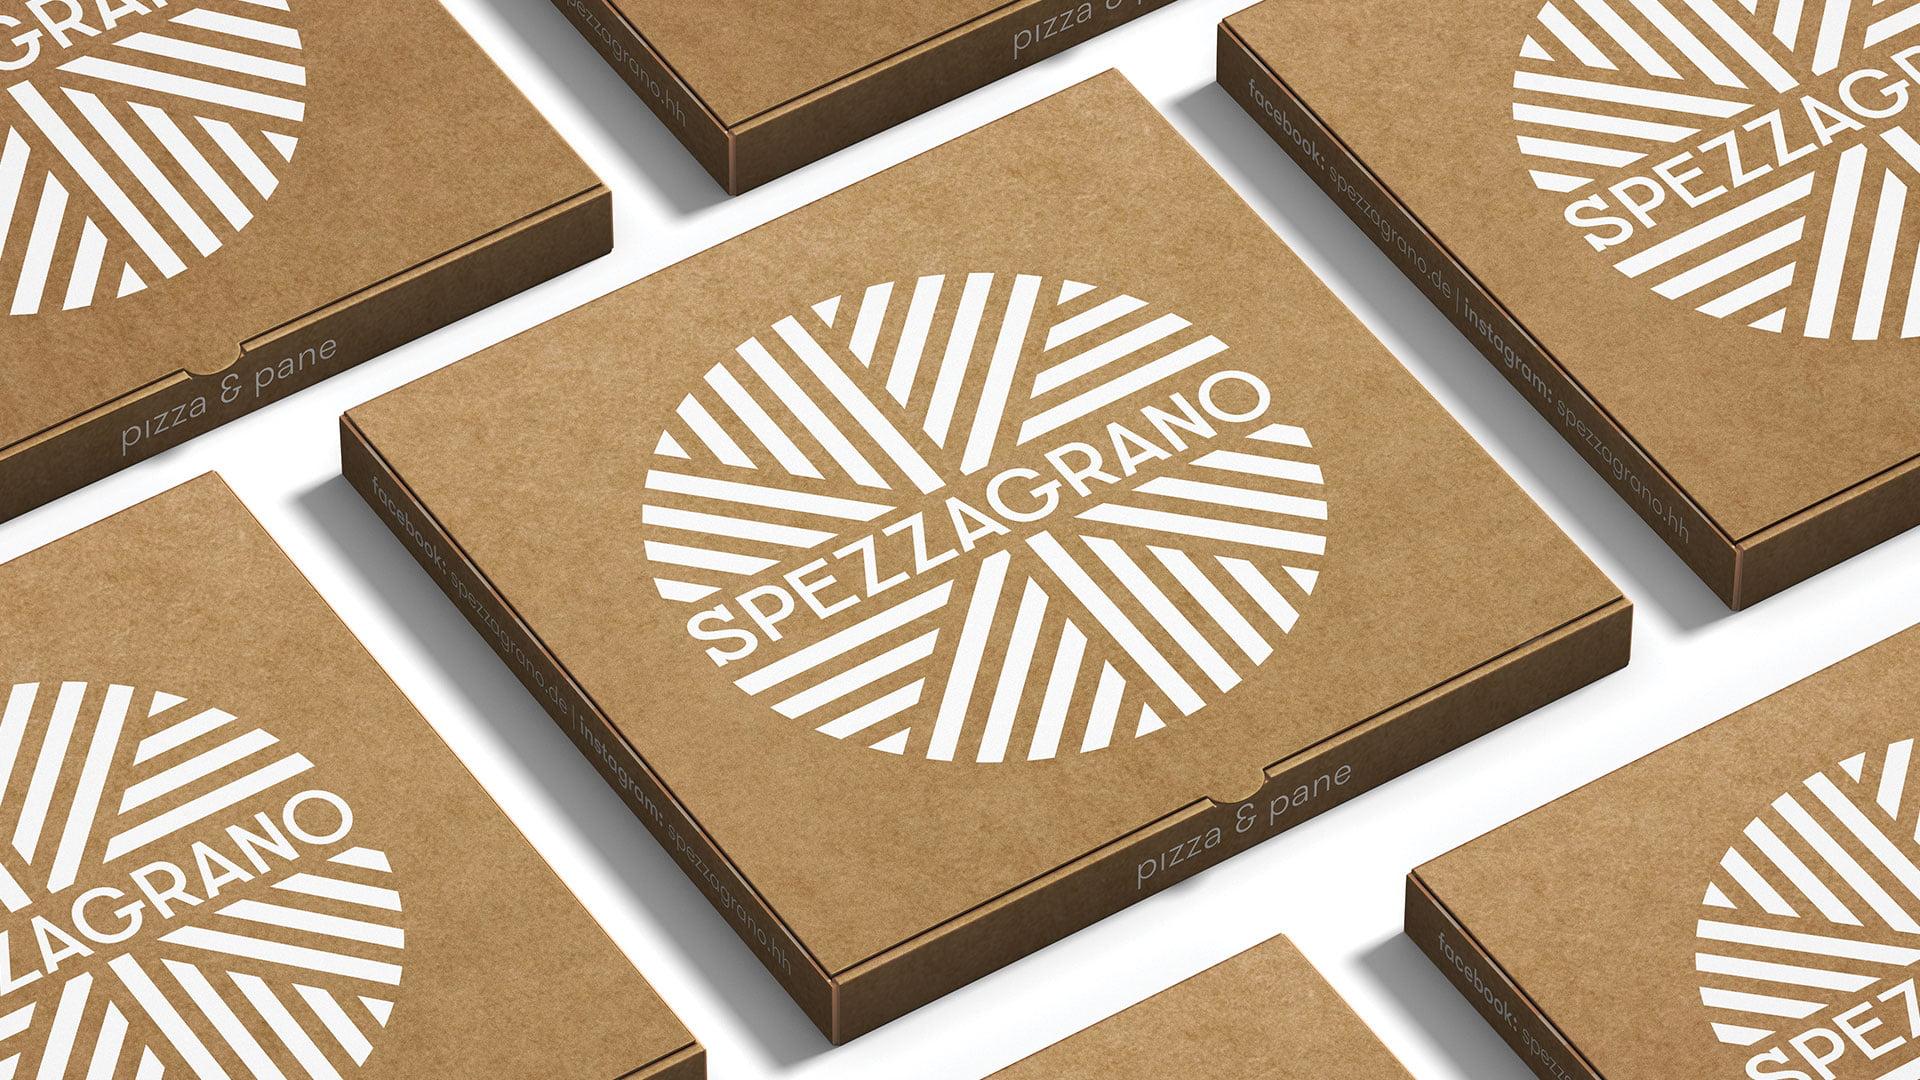 gra brand design spezzagrano 20